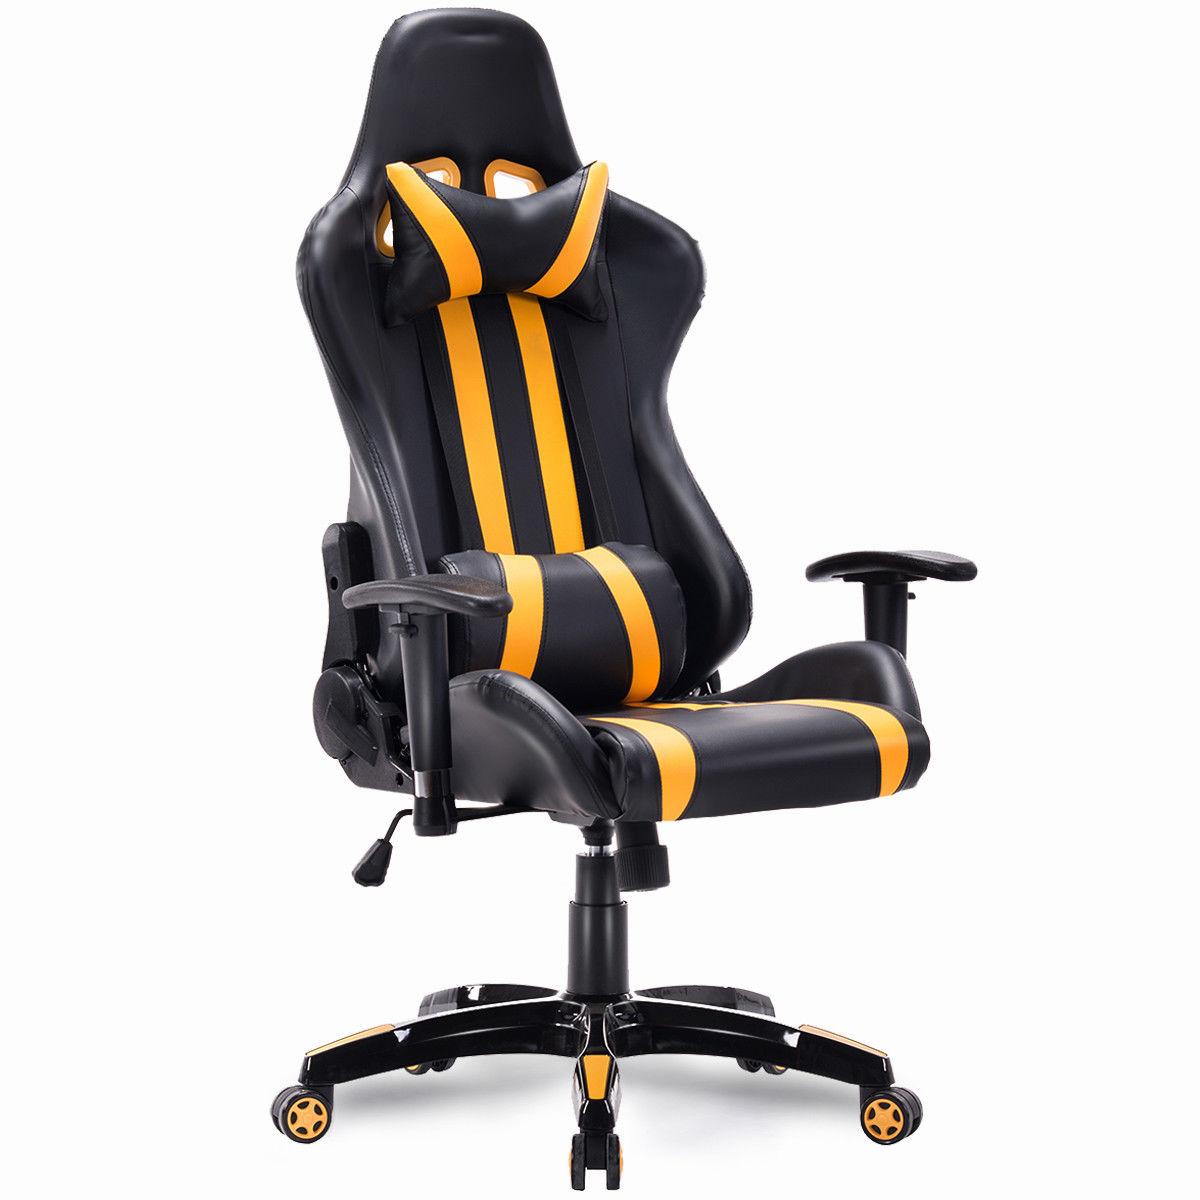 Giantex Haute Retour Exécutif Racing Style Chaise De Jeu Bureau Ordinateur Inclinables Chaise Moderne De Meubles Offfice HW55211YE